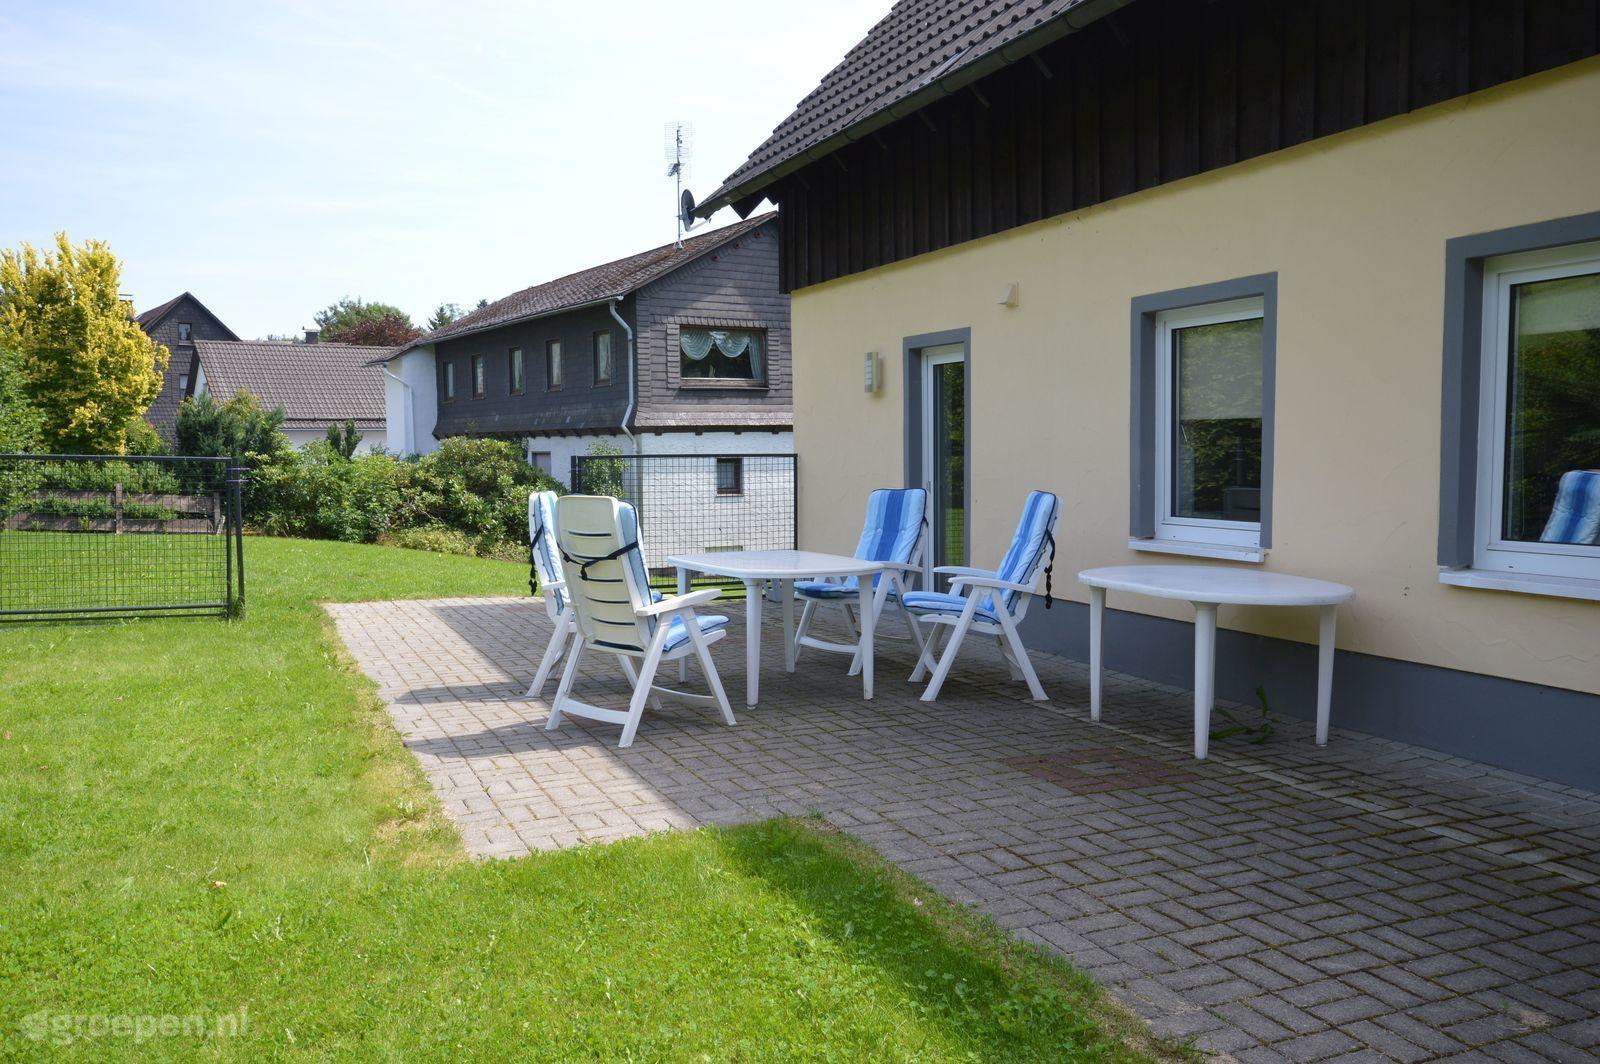 Group accommodation Winterberg-Mollseifen